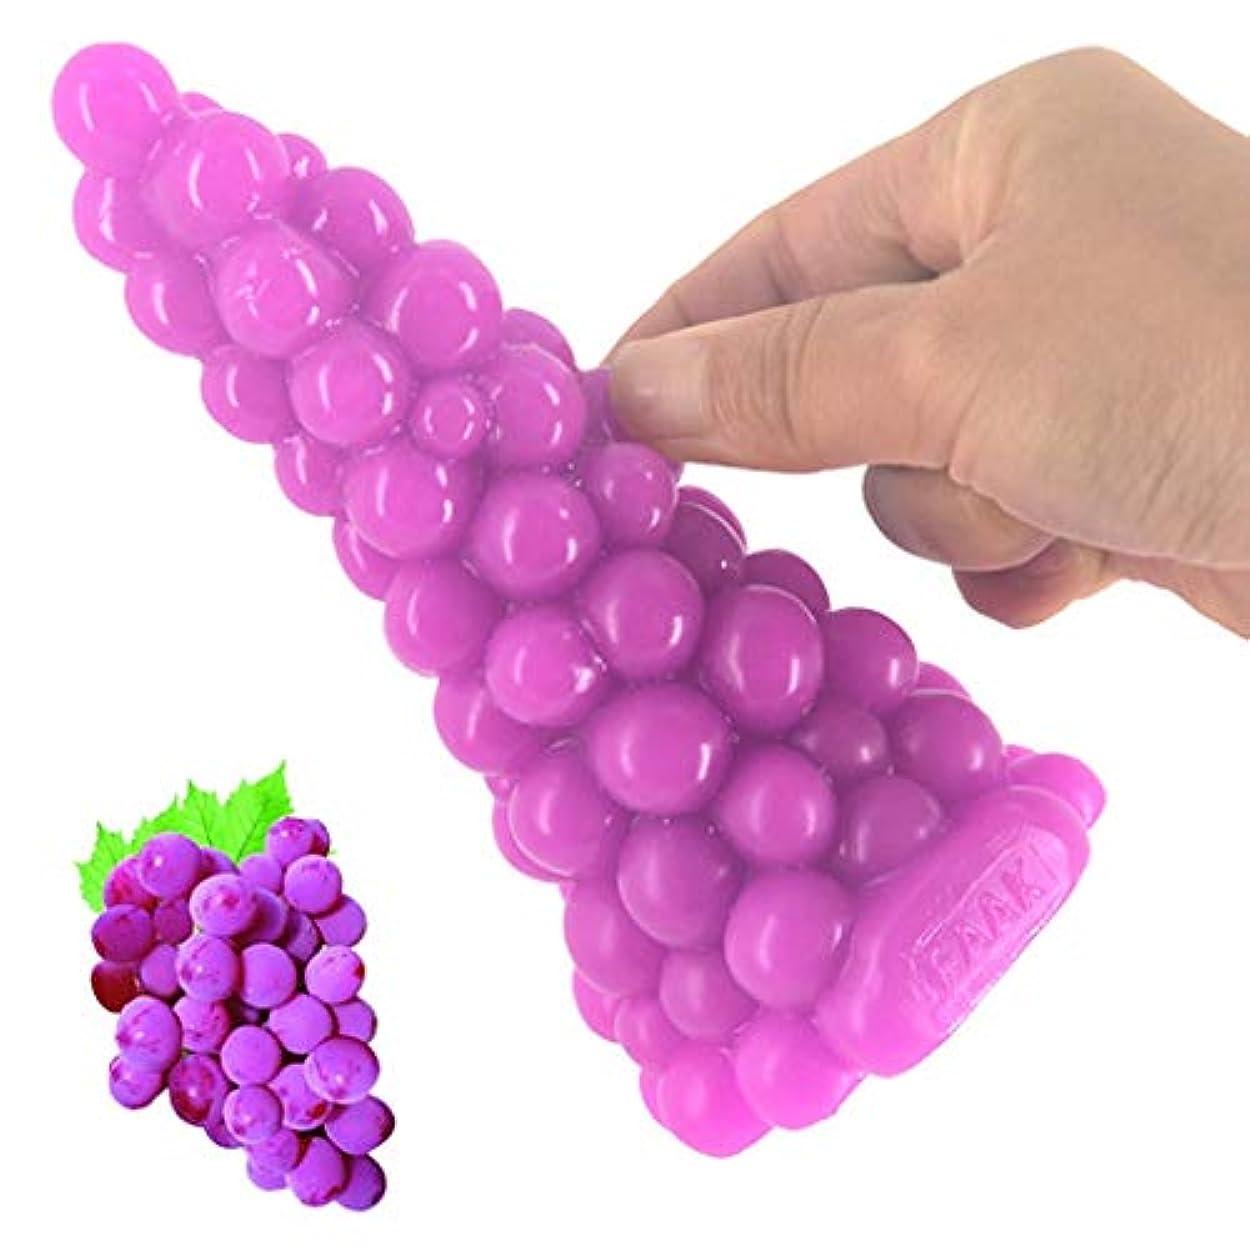 マスタードどれかどれかLRXQ 6.29インチパープル医療シリカゲルシミュレーションブドウアナルプラグ女性オナニーシミュレーションペニスG-ポイント刺激マッサージ玩具簡単に運ぶために T-shirt